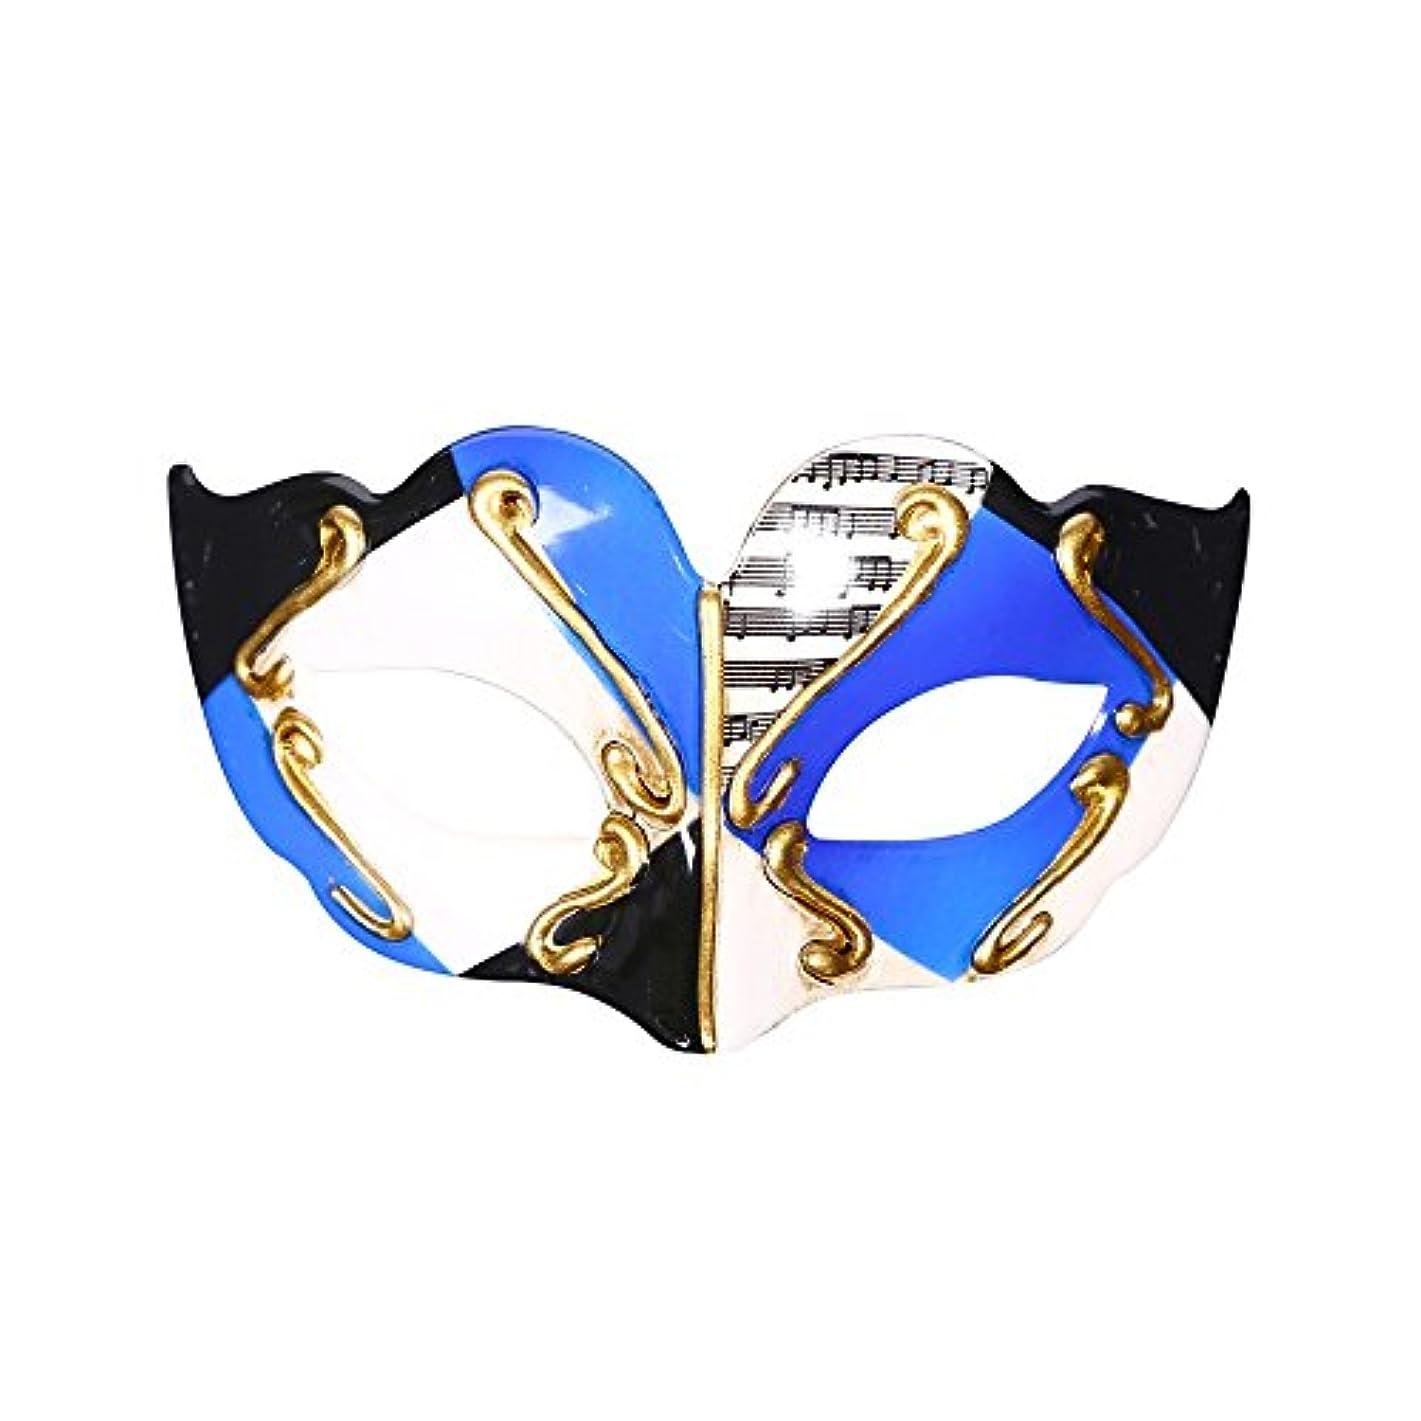 準備したカウボーイ非難するハロウィーン仮面舞踏会マスクフラットヘッド半顔ハードプラスチック子供のマスク (Color : B)